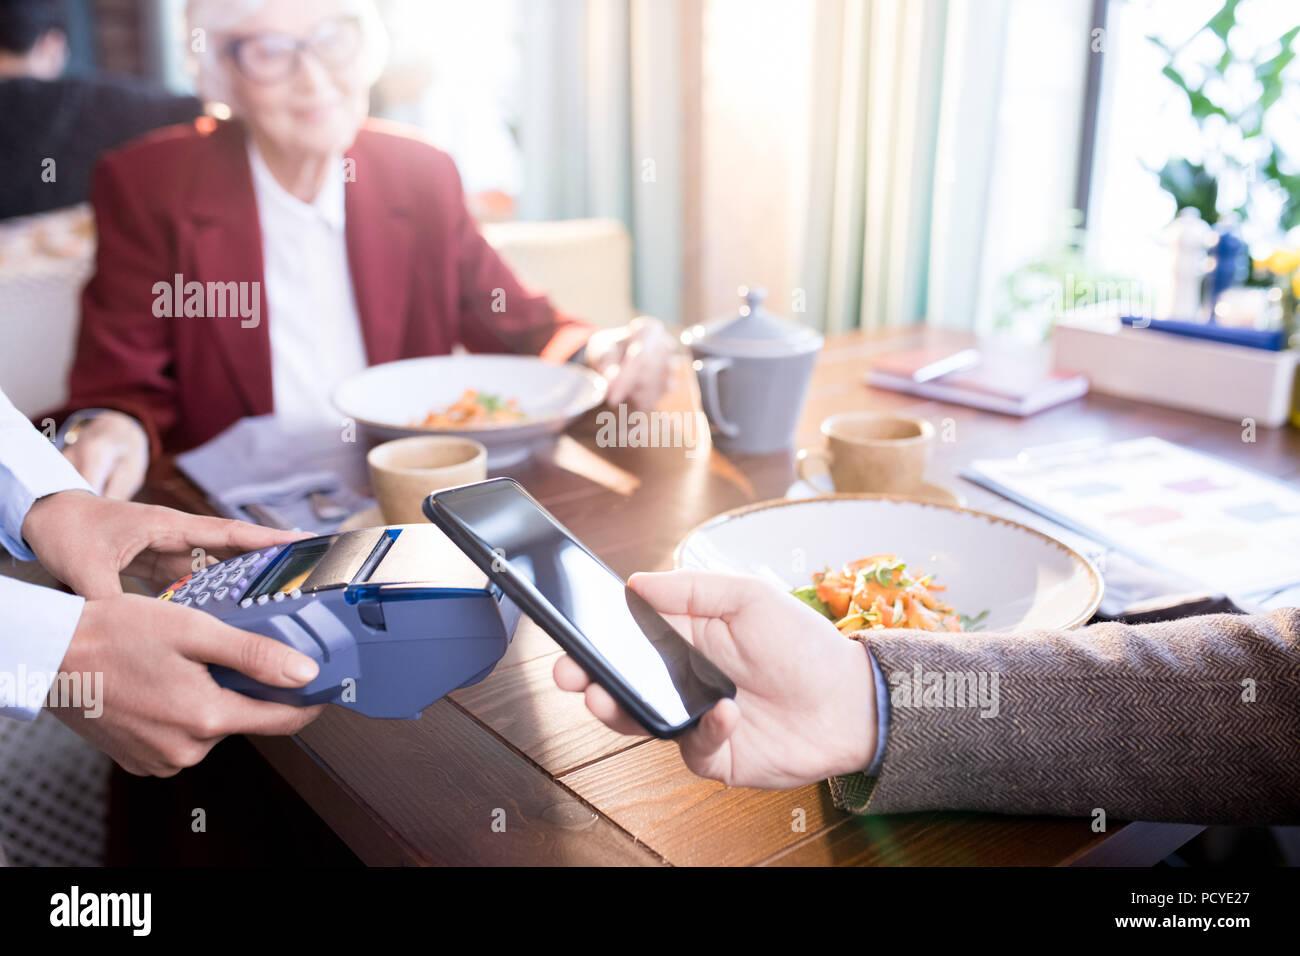 Payer pour le dîner Photo Stock